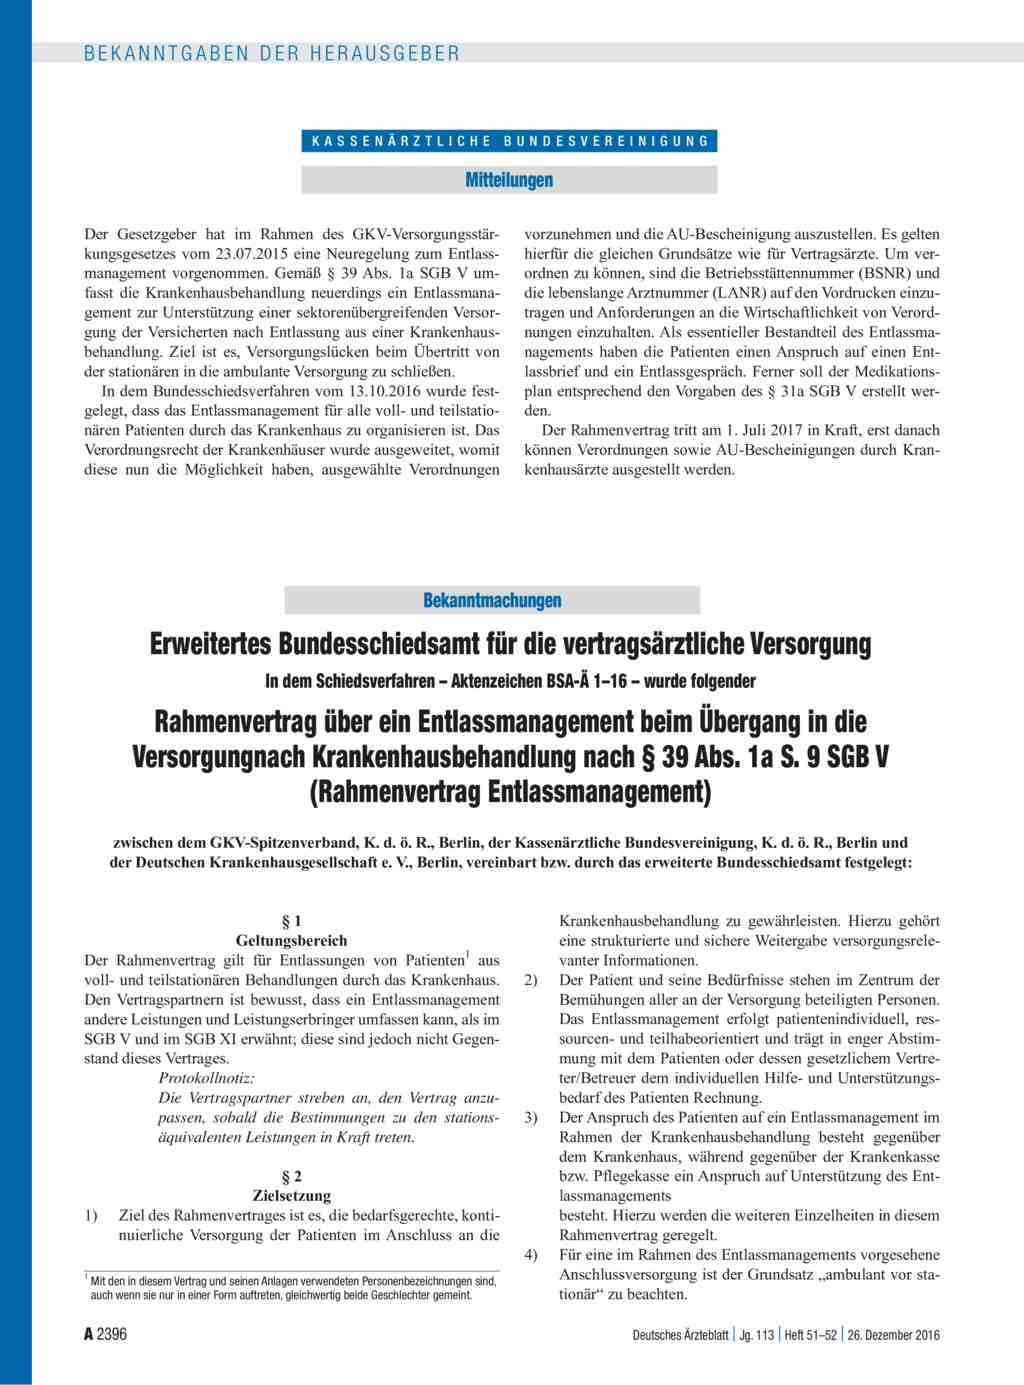 Erweitertes Bundesschiedsamt Für Die Vertragsärztliche Versorgung